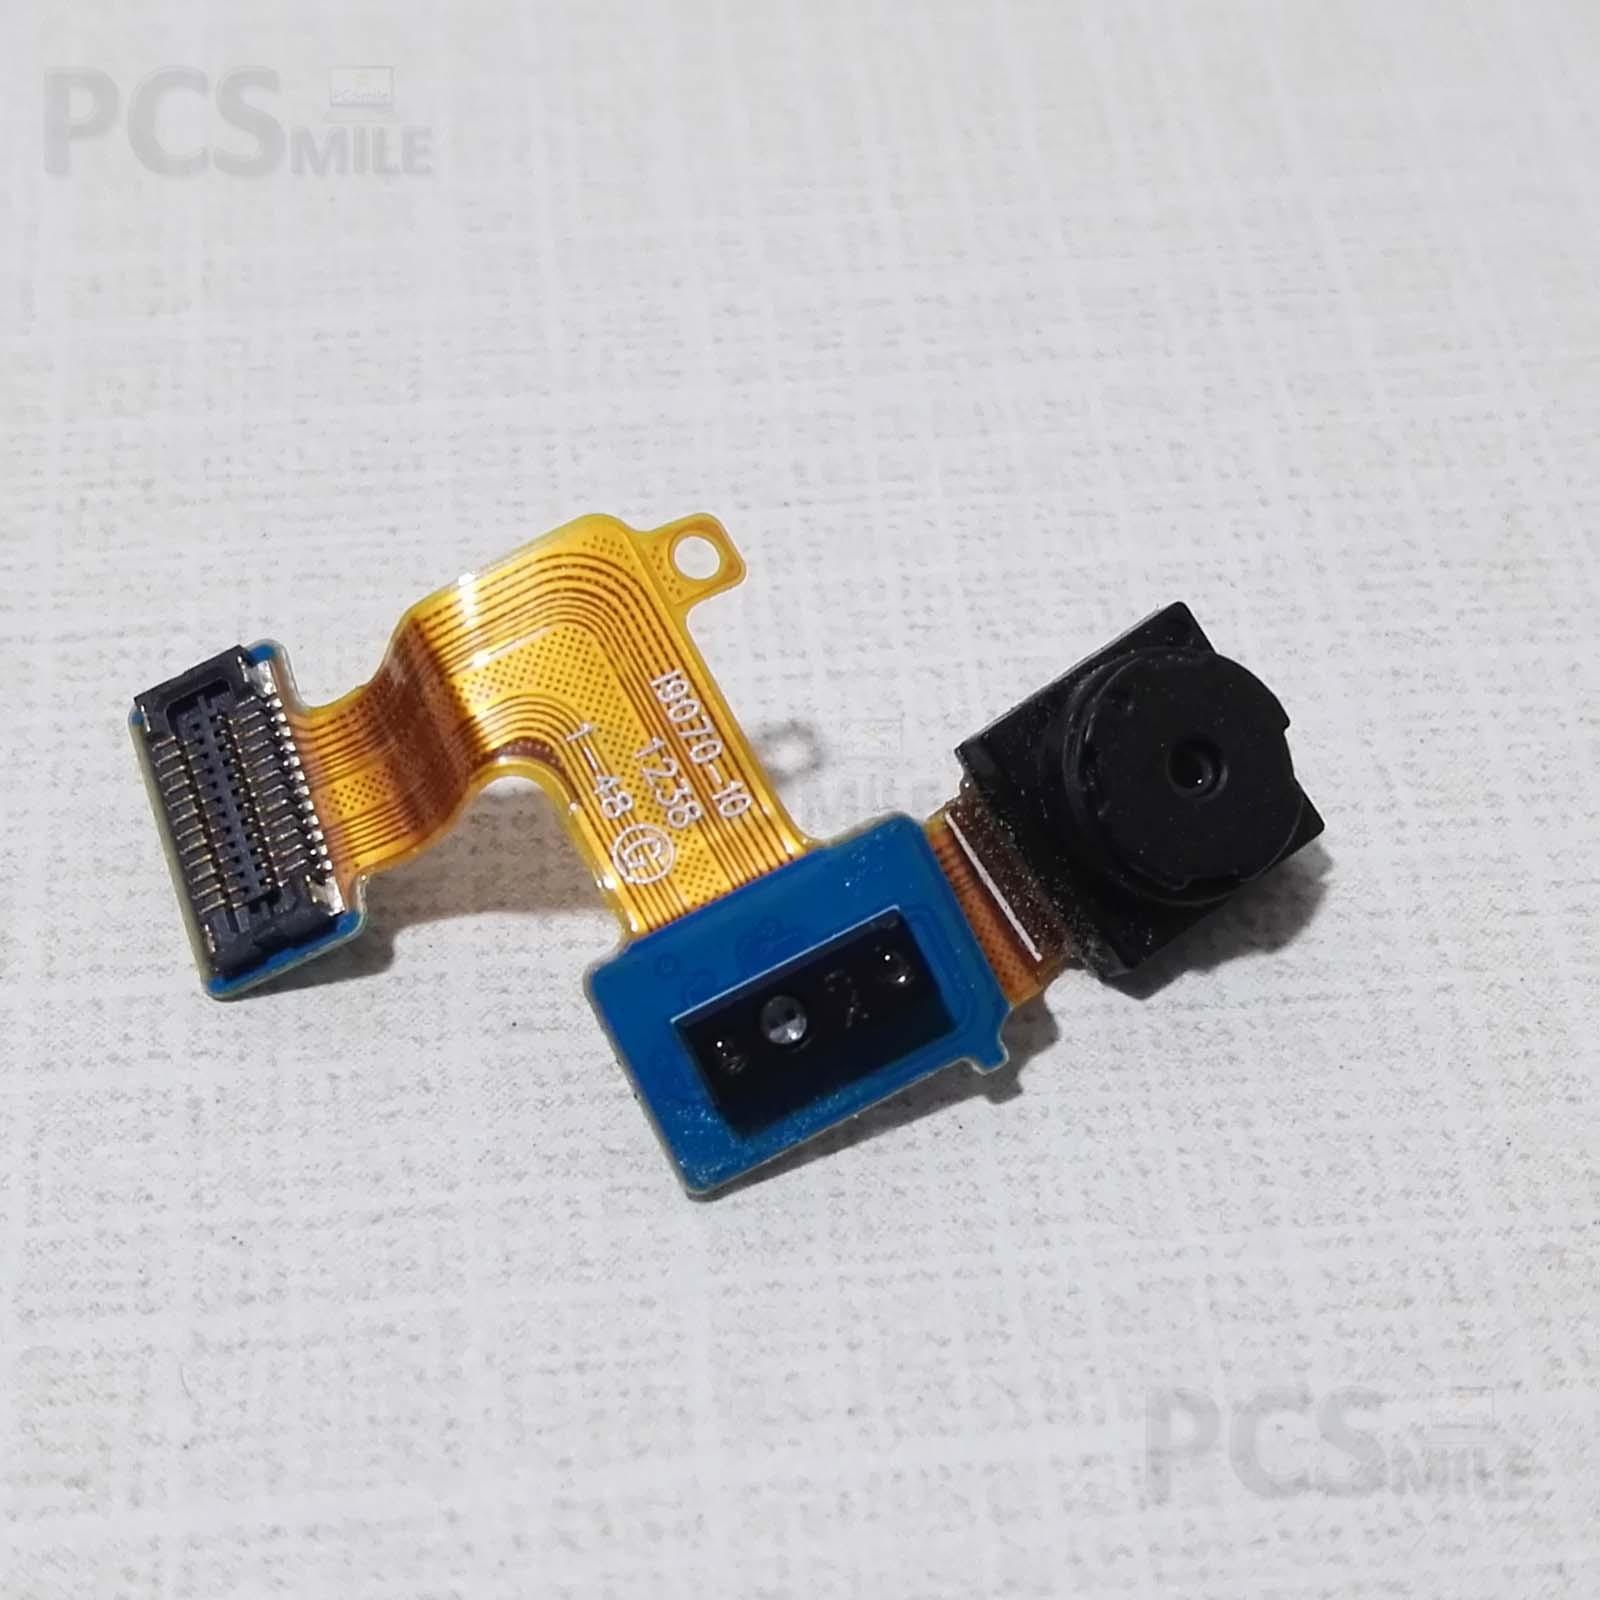 Fotocamera frontale sensore prossimità luce Samsung Galaxy S Advance, GT-i9074